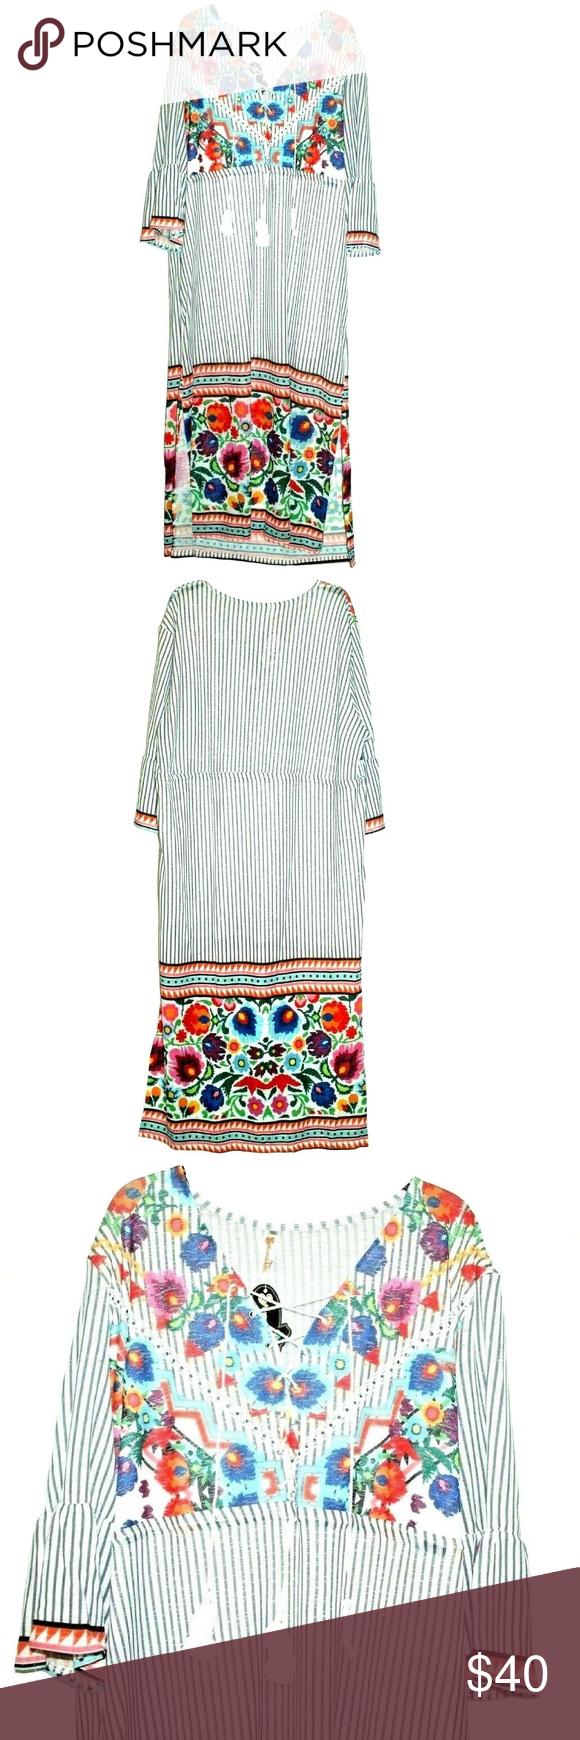 Shoreline Floral Maxi Dress 4x Shoreline Women S Maxi Dress V Neck Three Quarter Sleeves Long Stripes Floral 4 Floral Maxi Dress Maxi Dress Womens Maxi Dresses [ 1740 x 580 Pixel ]